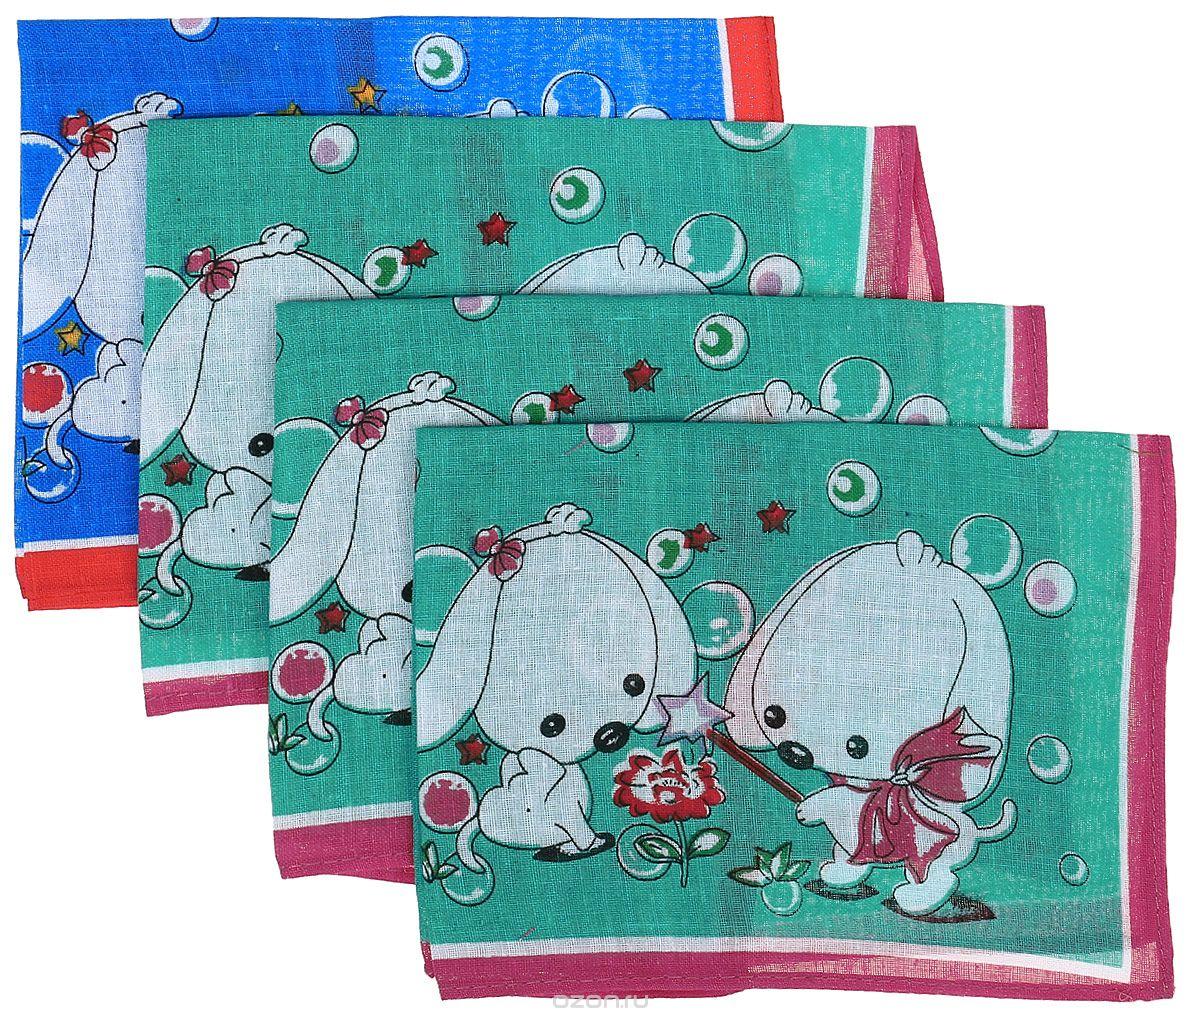 Платок носовой детский Zlata Korunka, цвет: зеленый, синий, 4 шт. 71406. Размер 27 х 27 см71406_зеленыйДетские носовые платки Zlata Korunka изготовлены из натурального хлопка, приятны в использовании, хорошо стираются, материал не садится и отлично впитывает влагу. В упаковке 4 штуки.